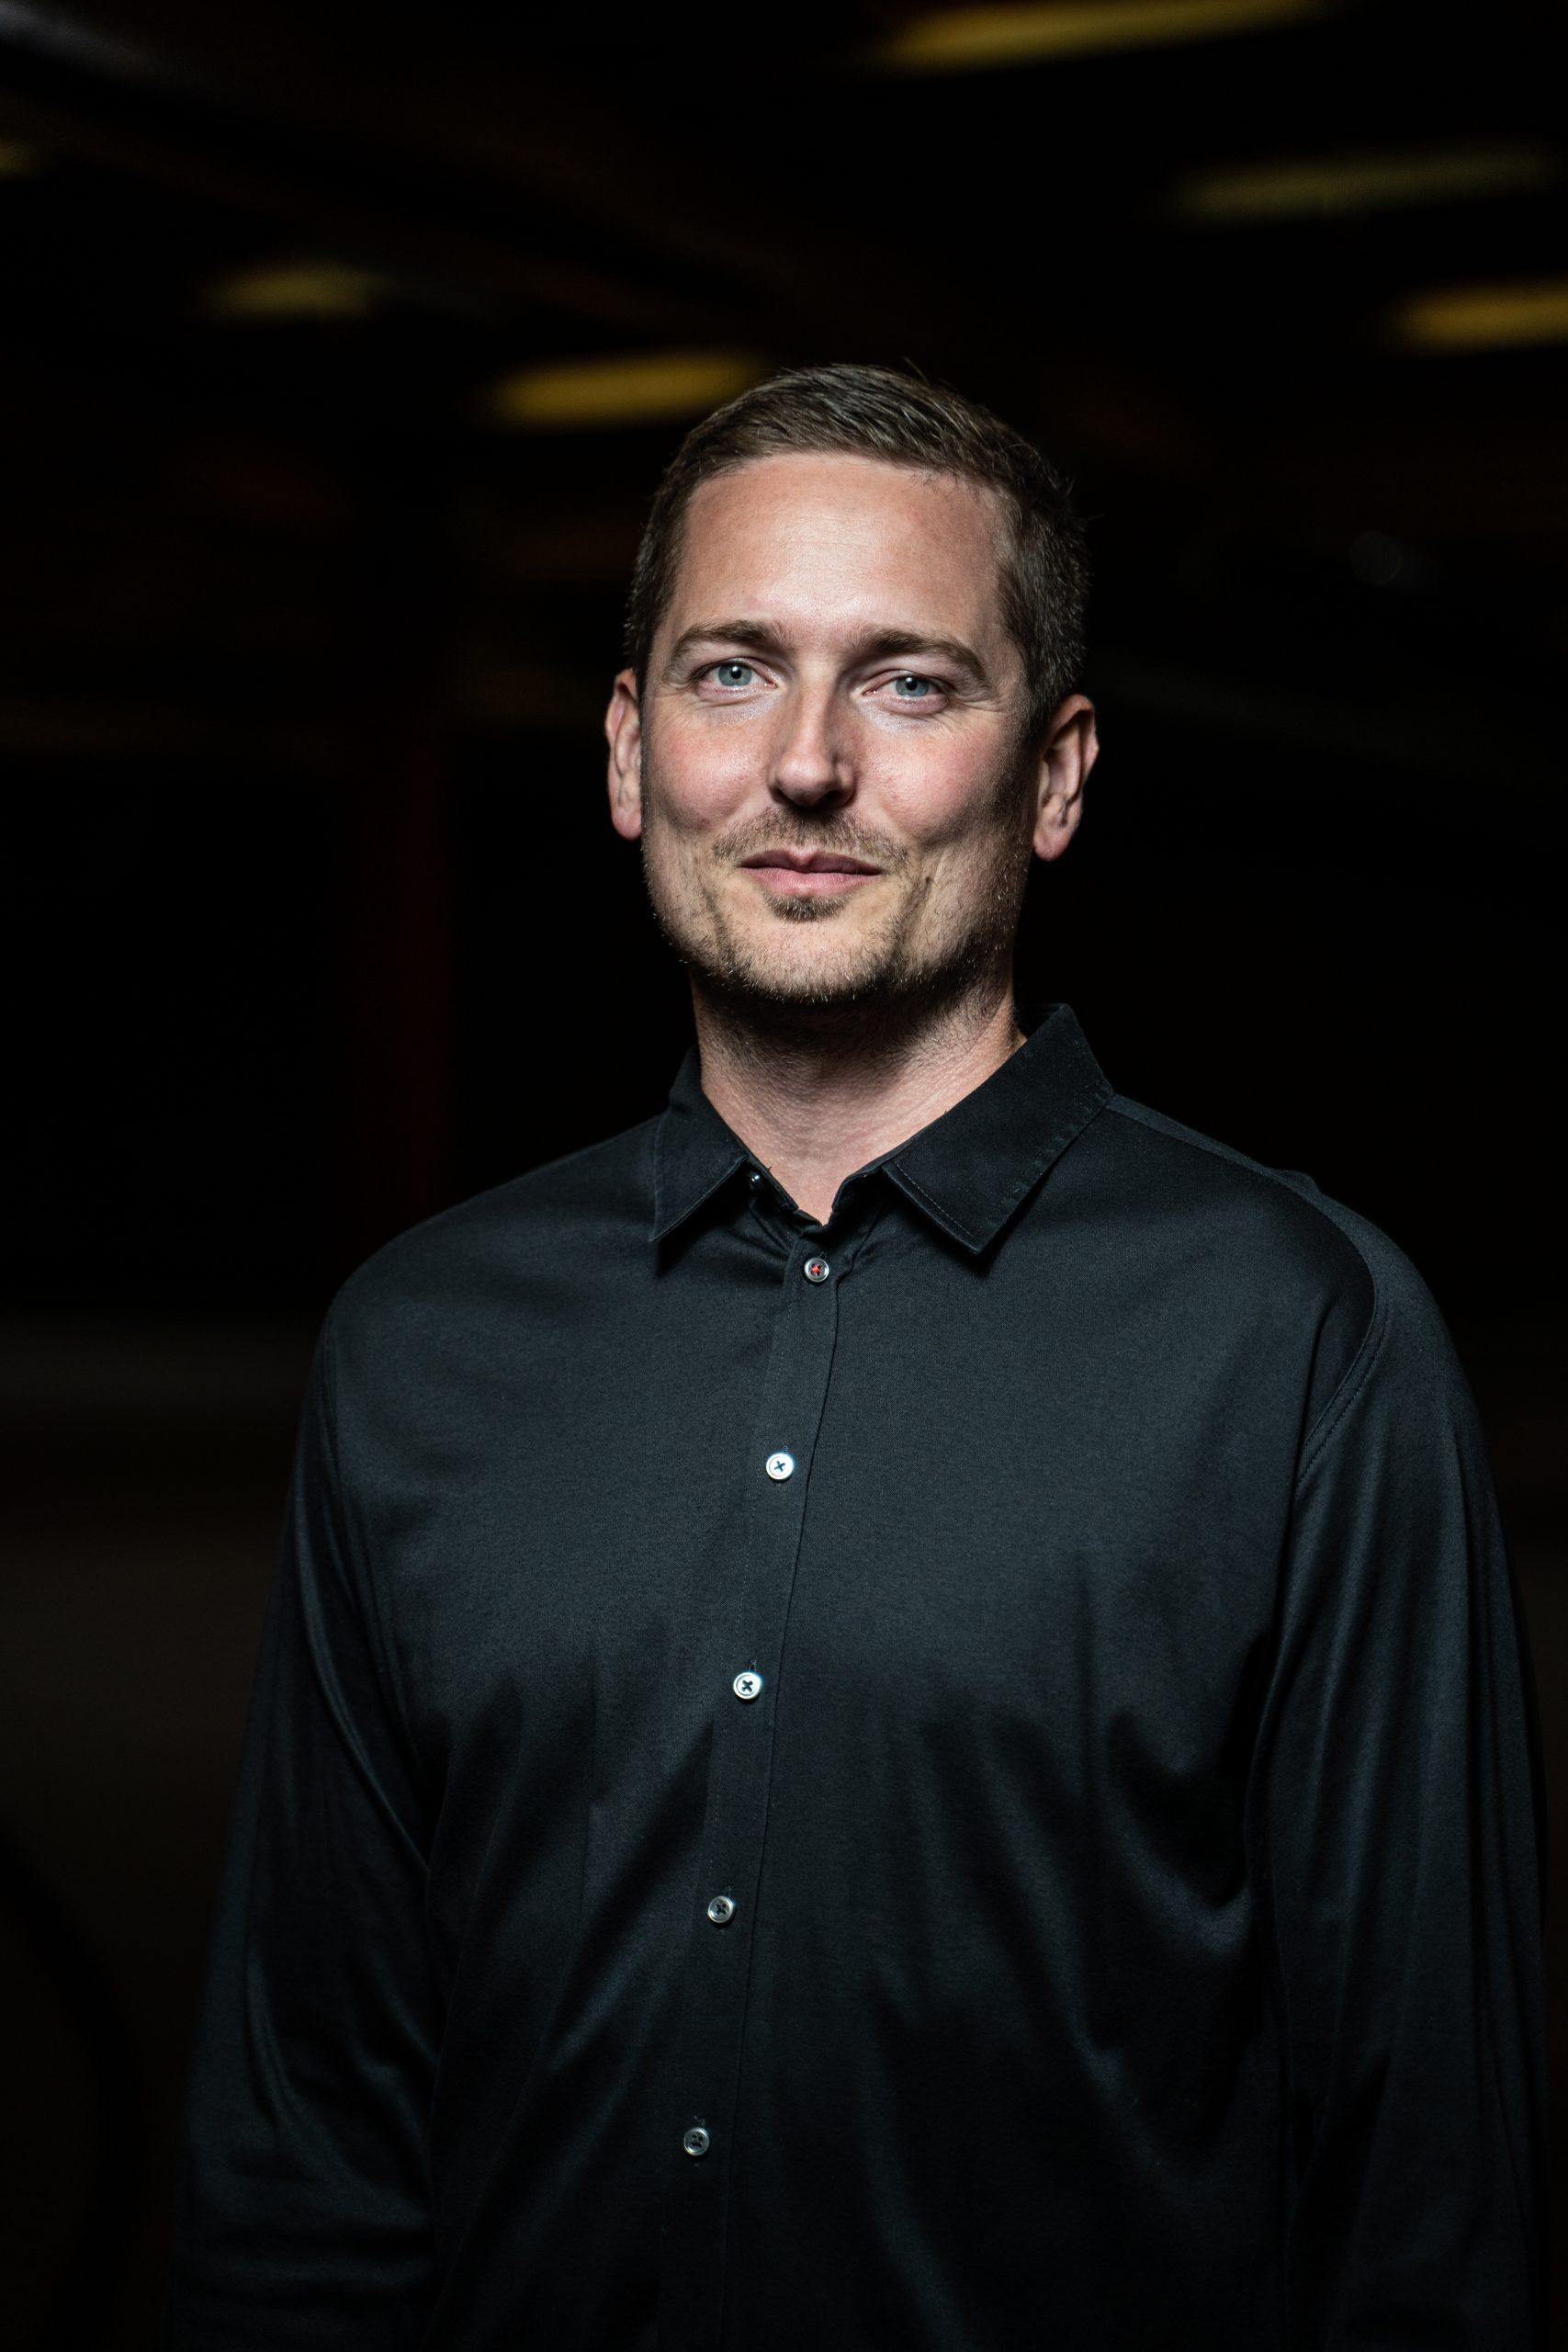 Brødre står bag online møbel-succes: Nu køber kendt erhvervsprofil sig ind i firmaet